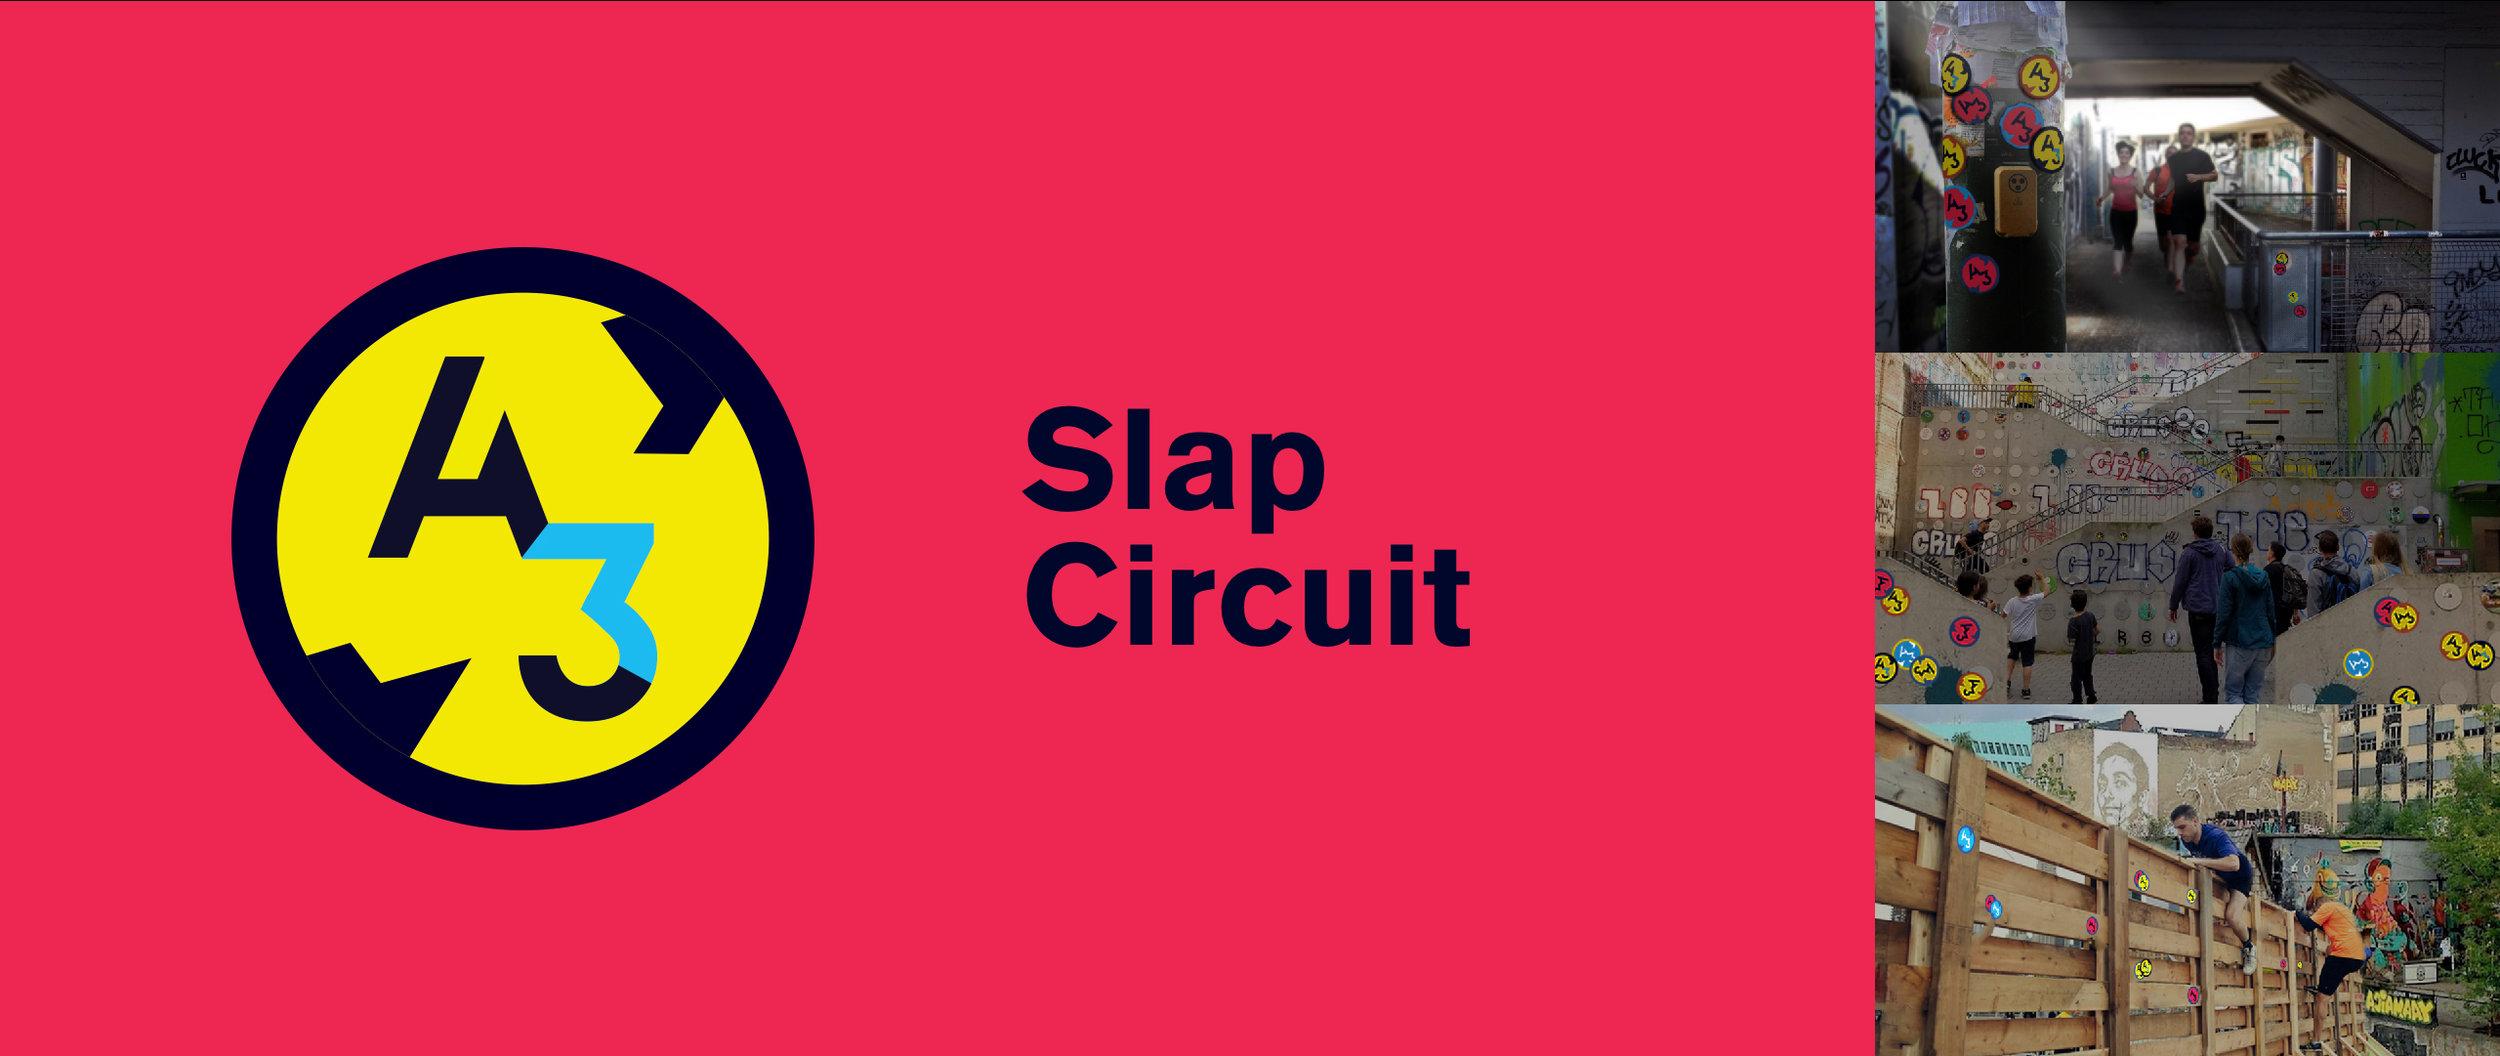 A3_Slap Sticker-02.jpg